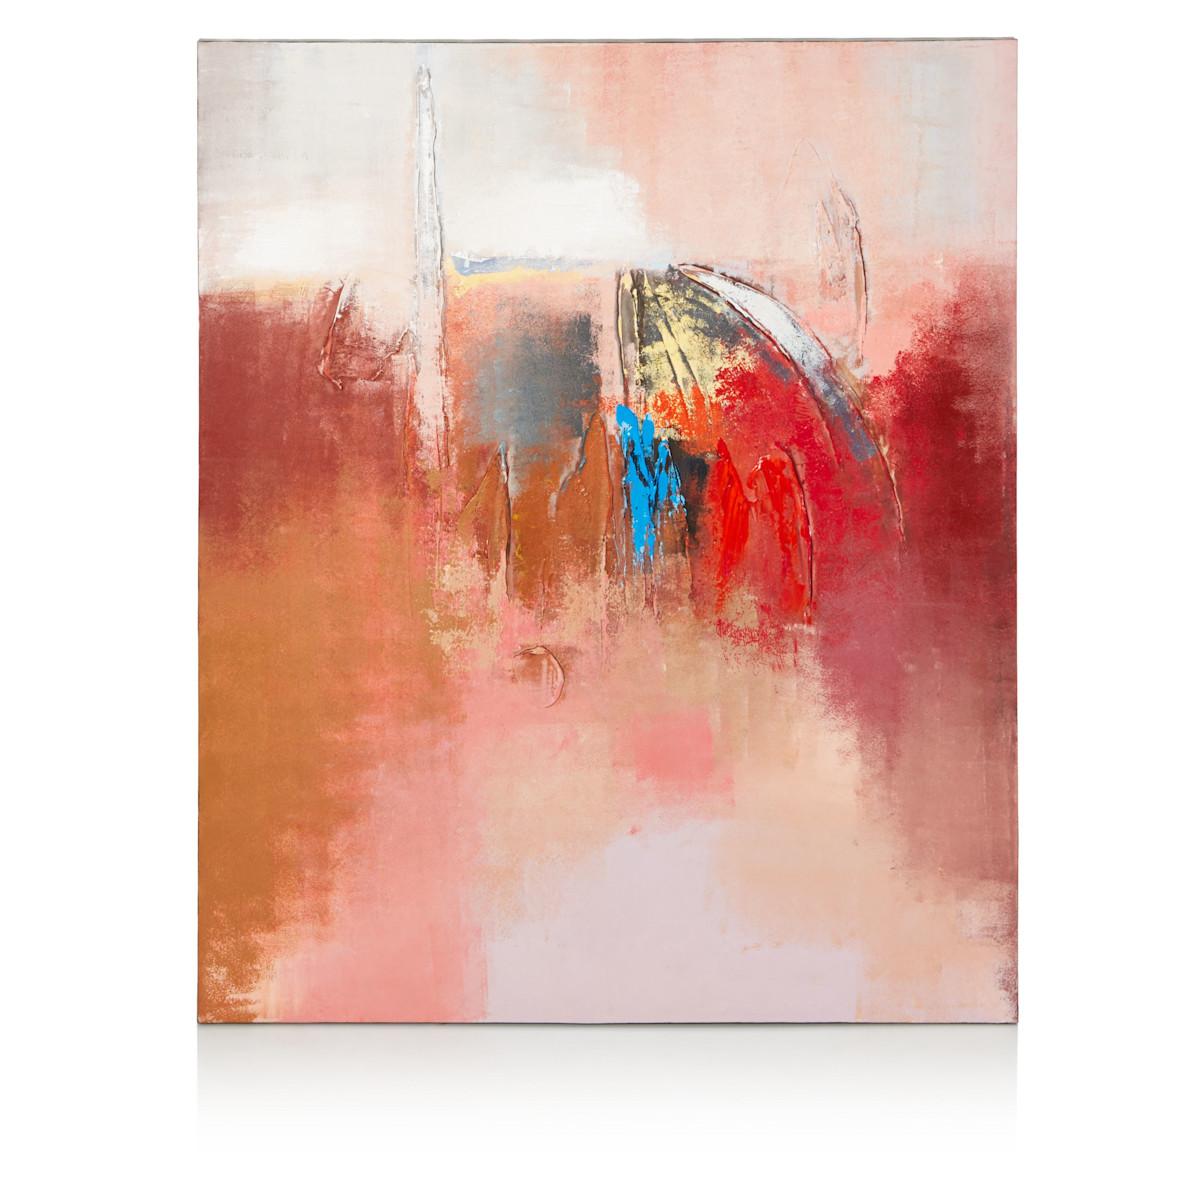 Artikel klicken und genauer betrachten! - Abstrakte Farbflächen und Pinselstriche an der Vorderseite. Konkreter Pluspunkt an der Rückseite: die Aufhängevorrichtung. Handarbeit, Maße: ca. L 100 x B 120 x T 4 cm, Gewicht: ca. 3,3 kg, Material: Holz, Canvas. | im Online Shop kaufen